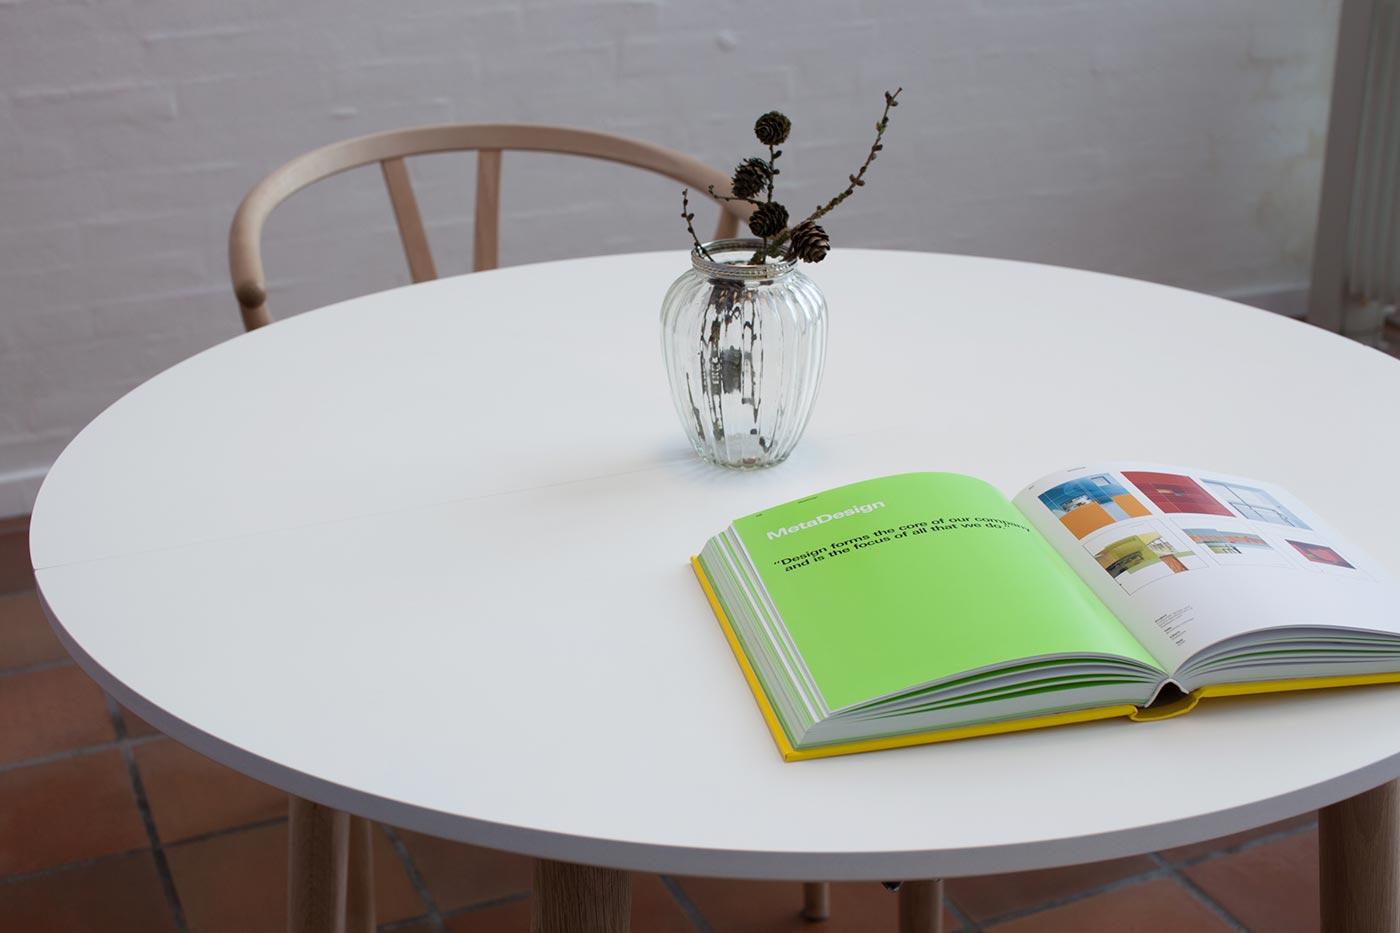 Produktbillede af rundt spisebord med udtræk